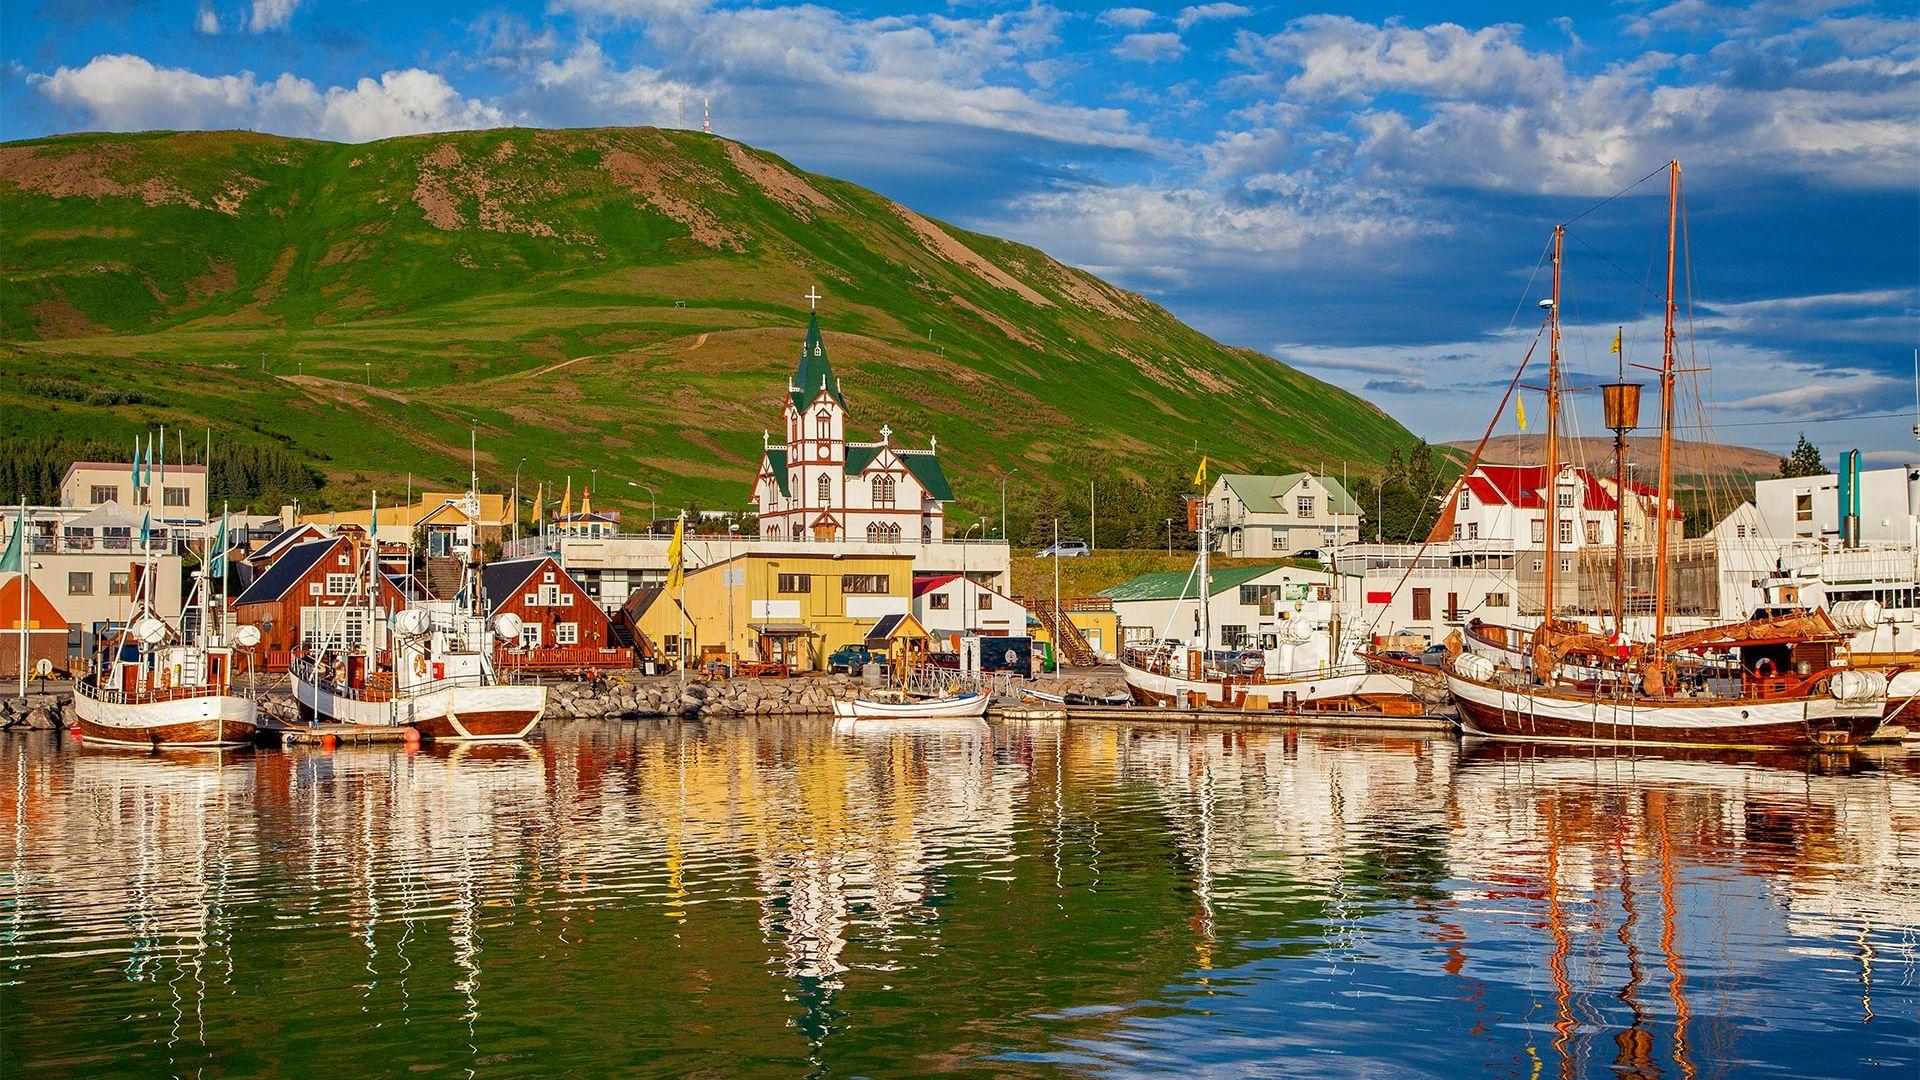 Circuit de grup - Discover Islanda cu Razvan Pascu, 9 zile - 08 august 2021